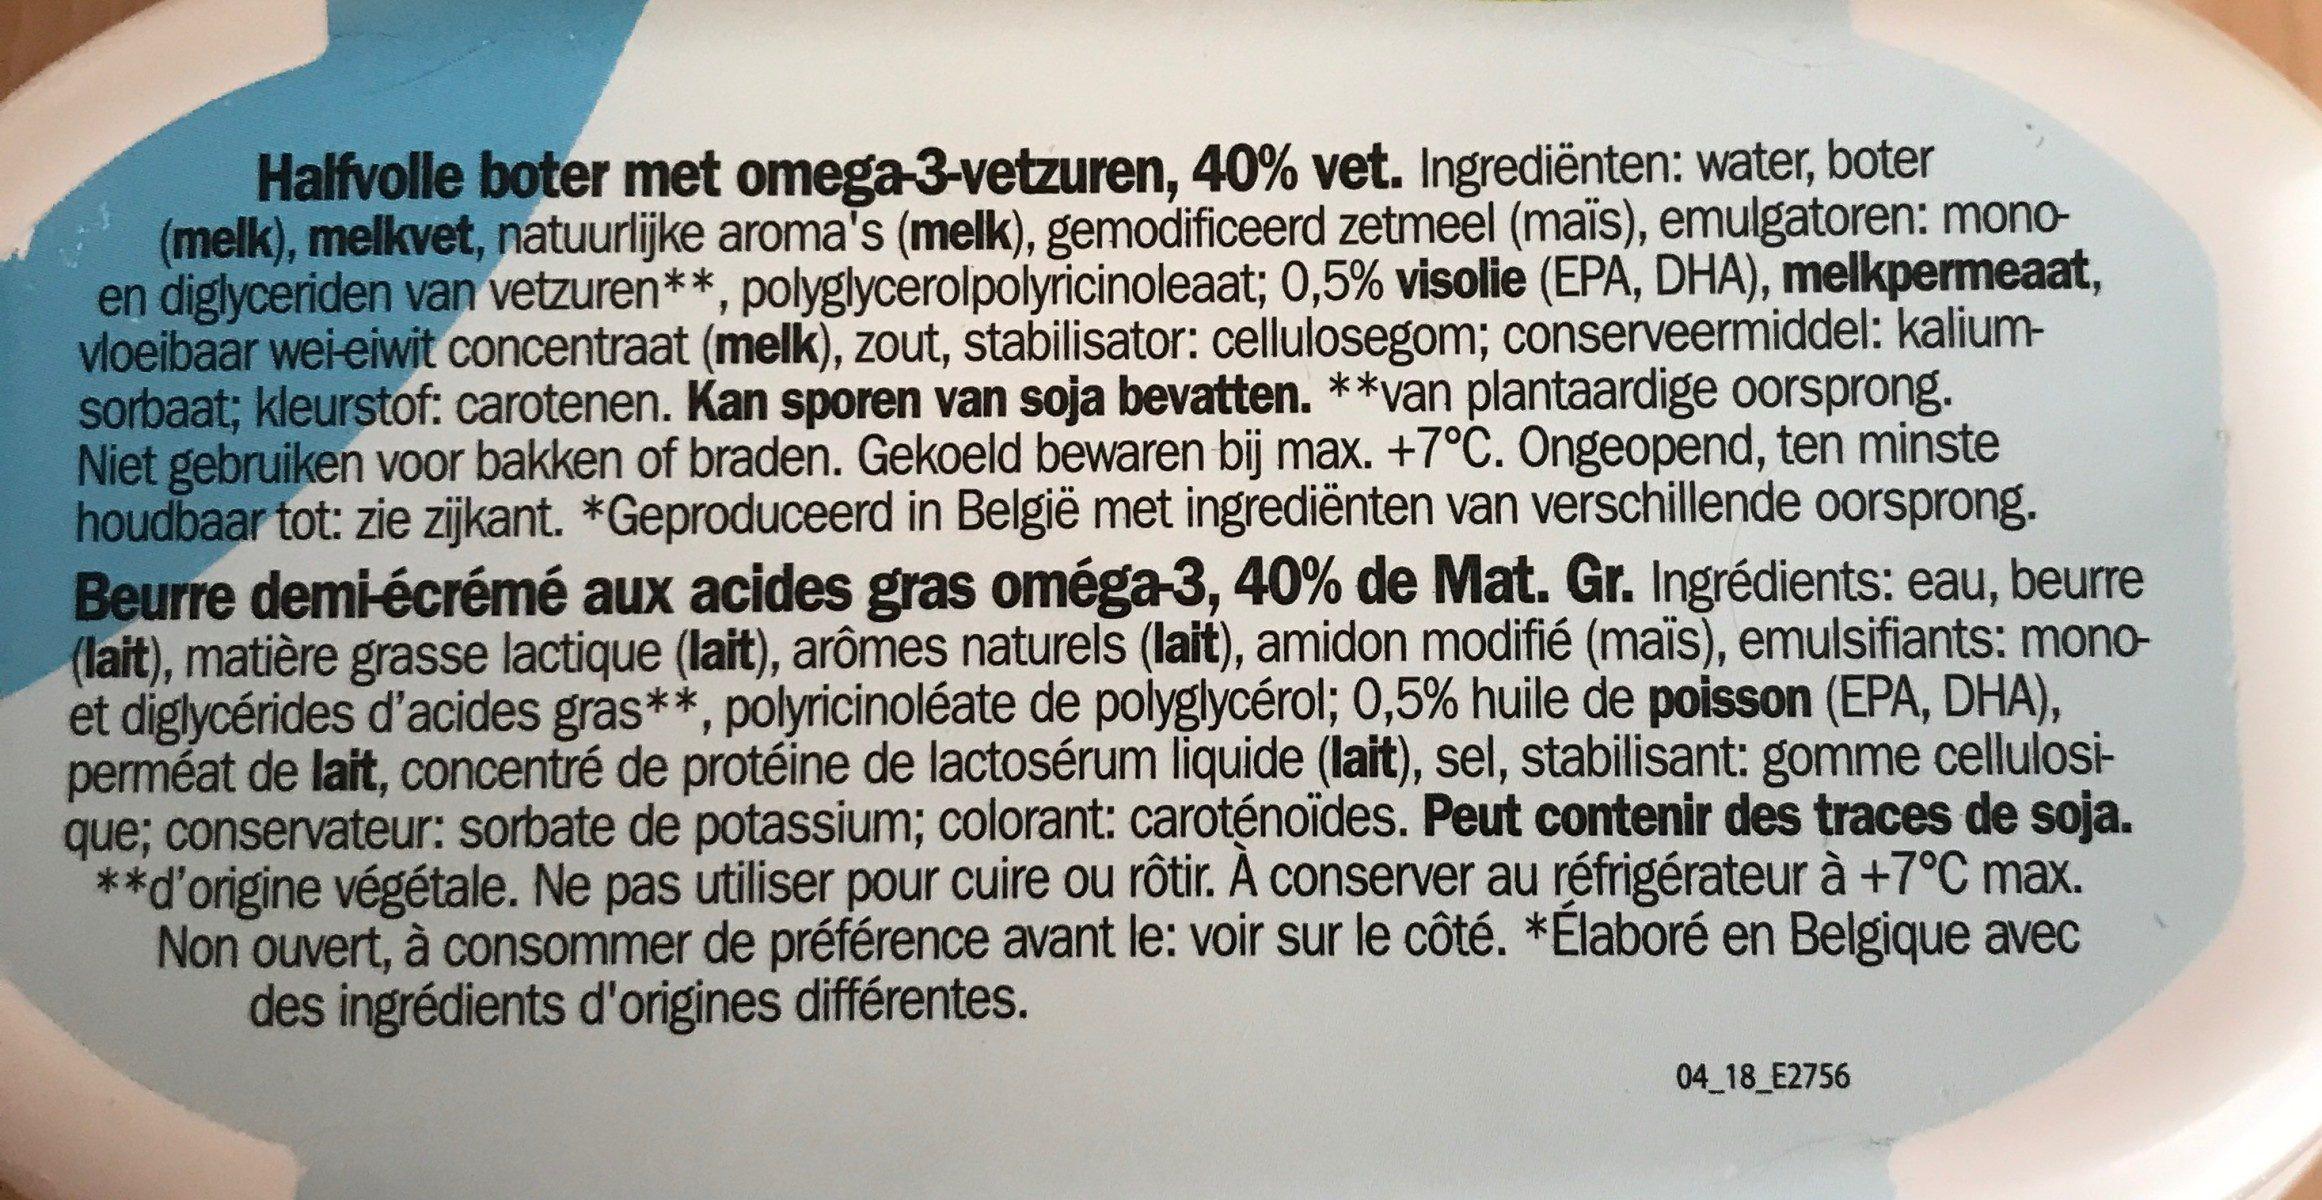 Beurre demi-écrémé - Ingrediënten